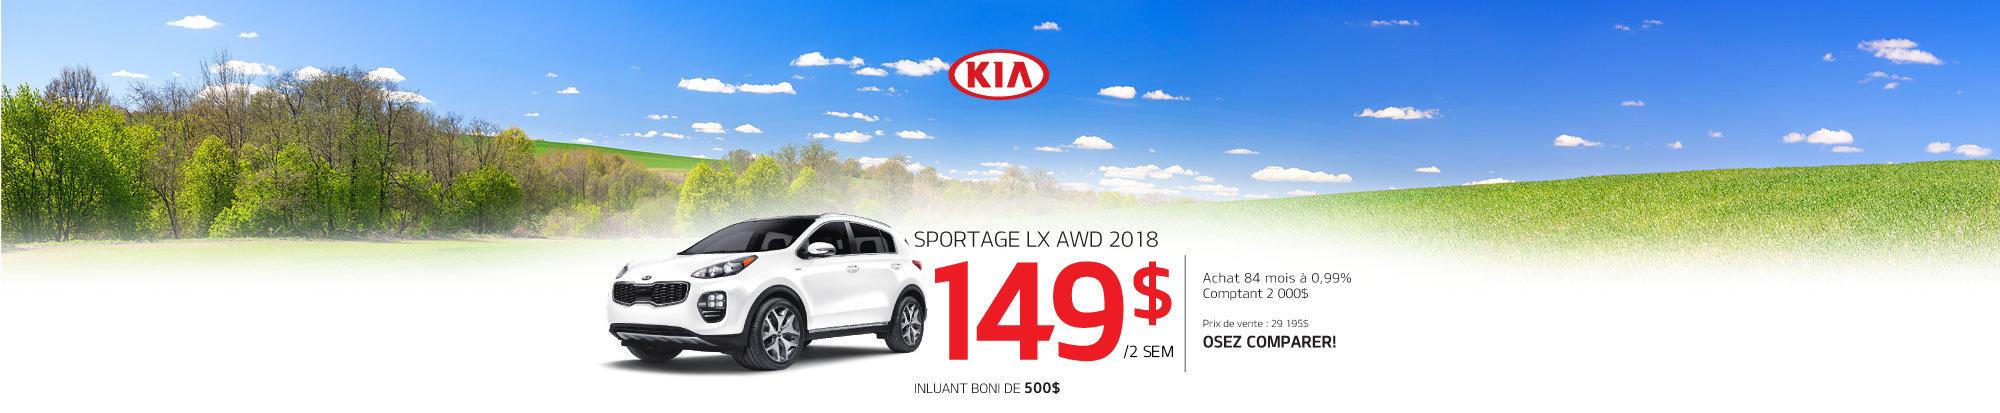 Sportage LX AWD 2018 web